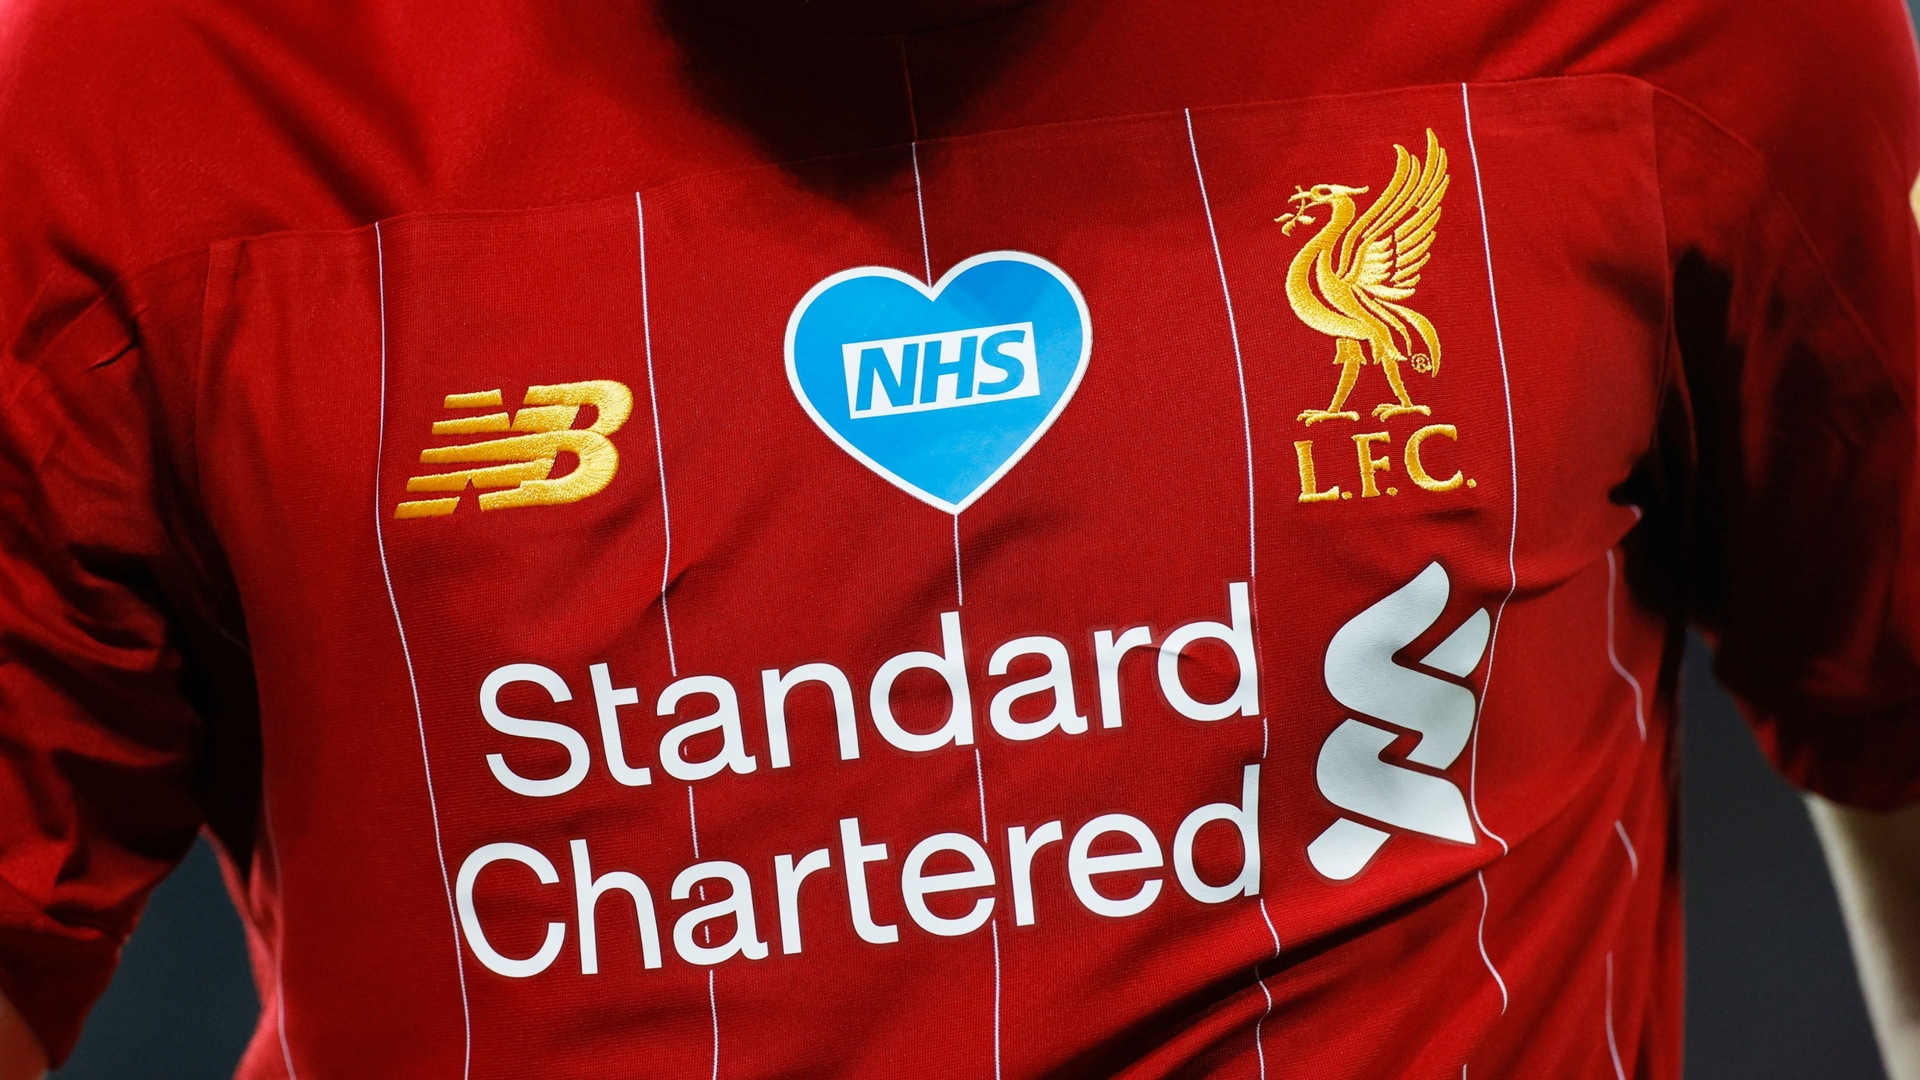 بالصور.. ليفربول يكشف النقاب عن قميصه الجديد